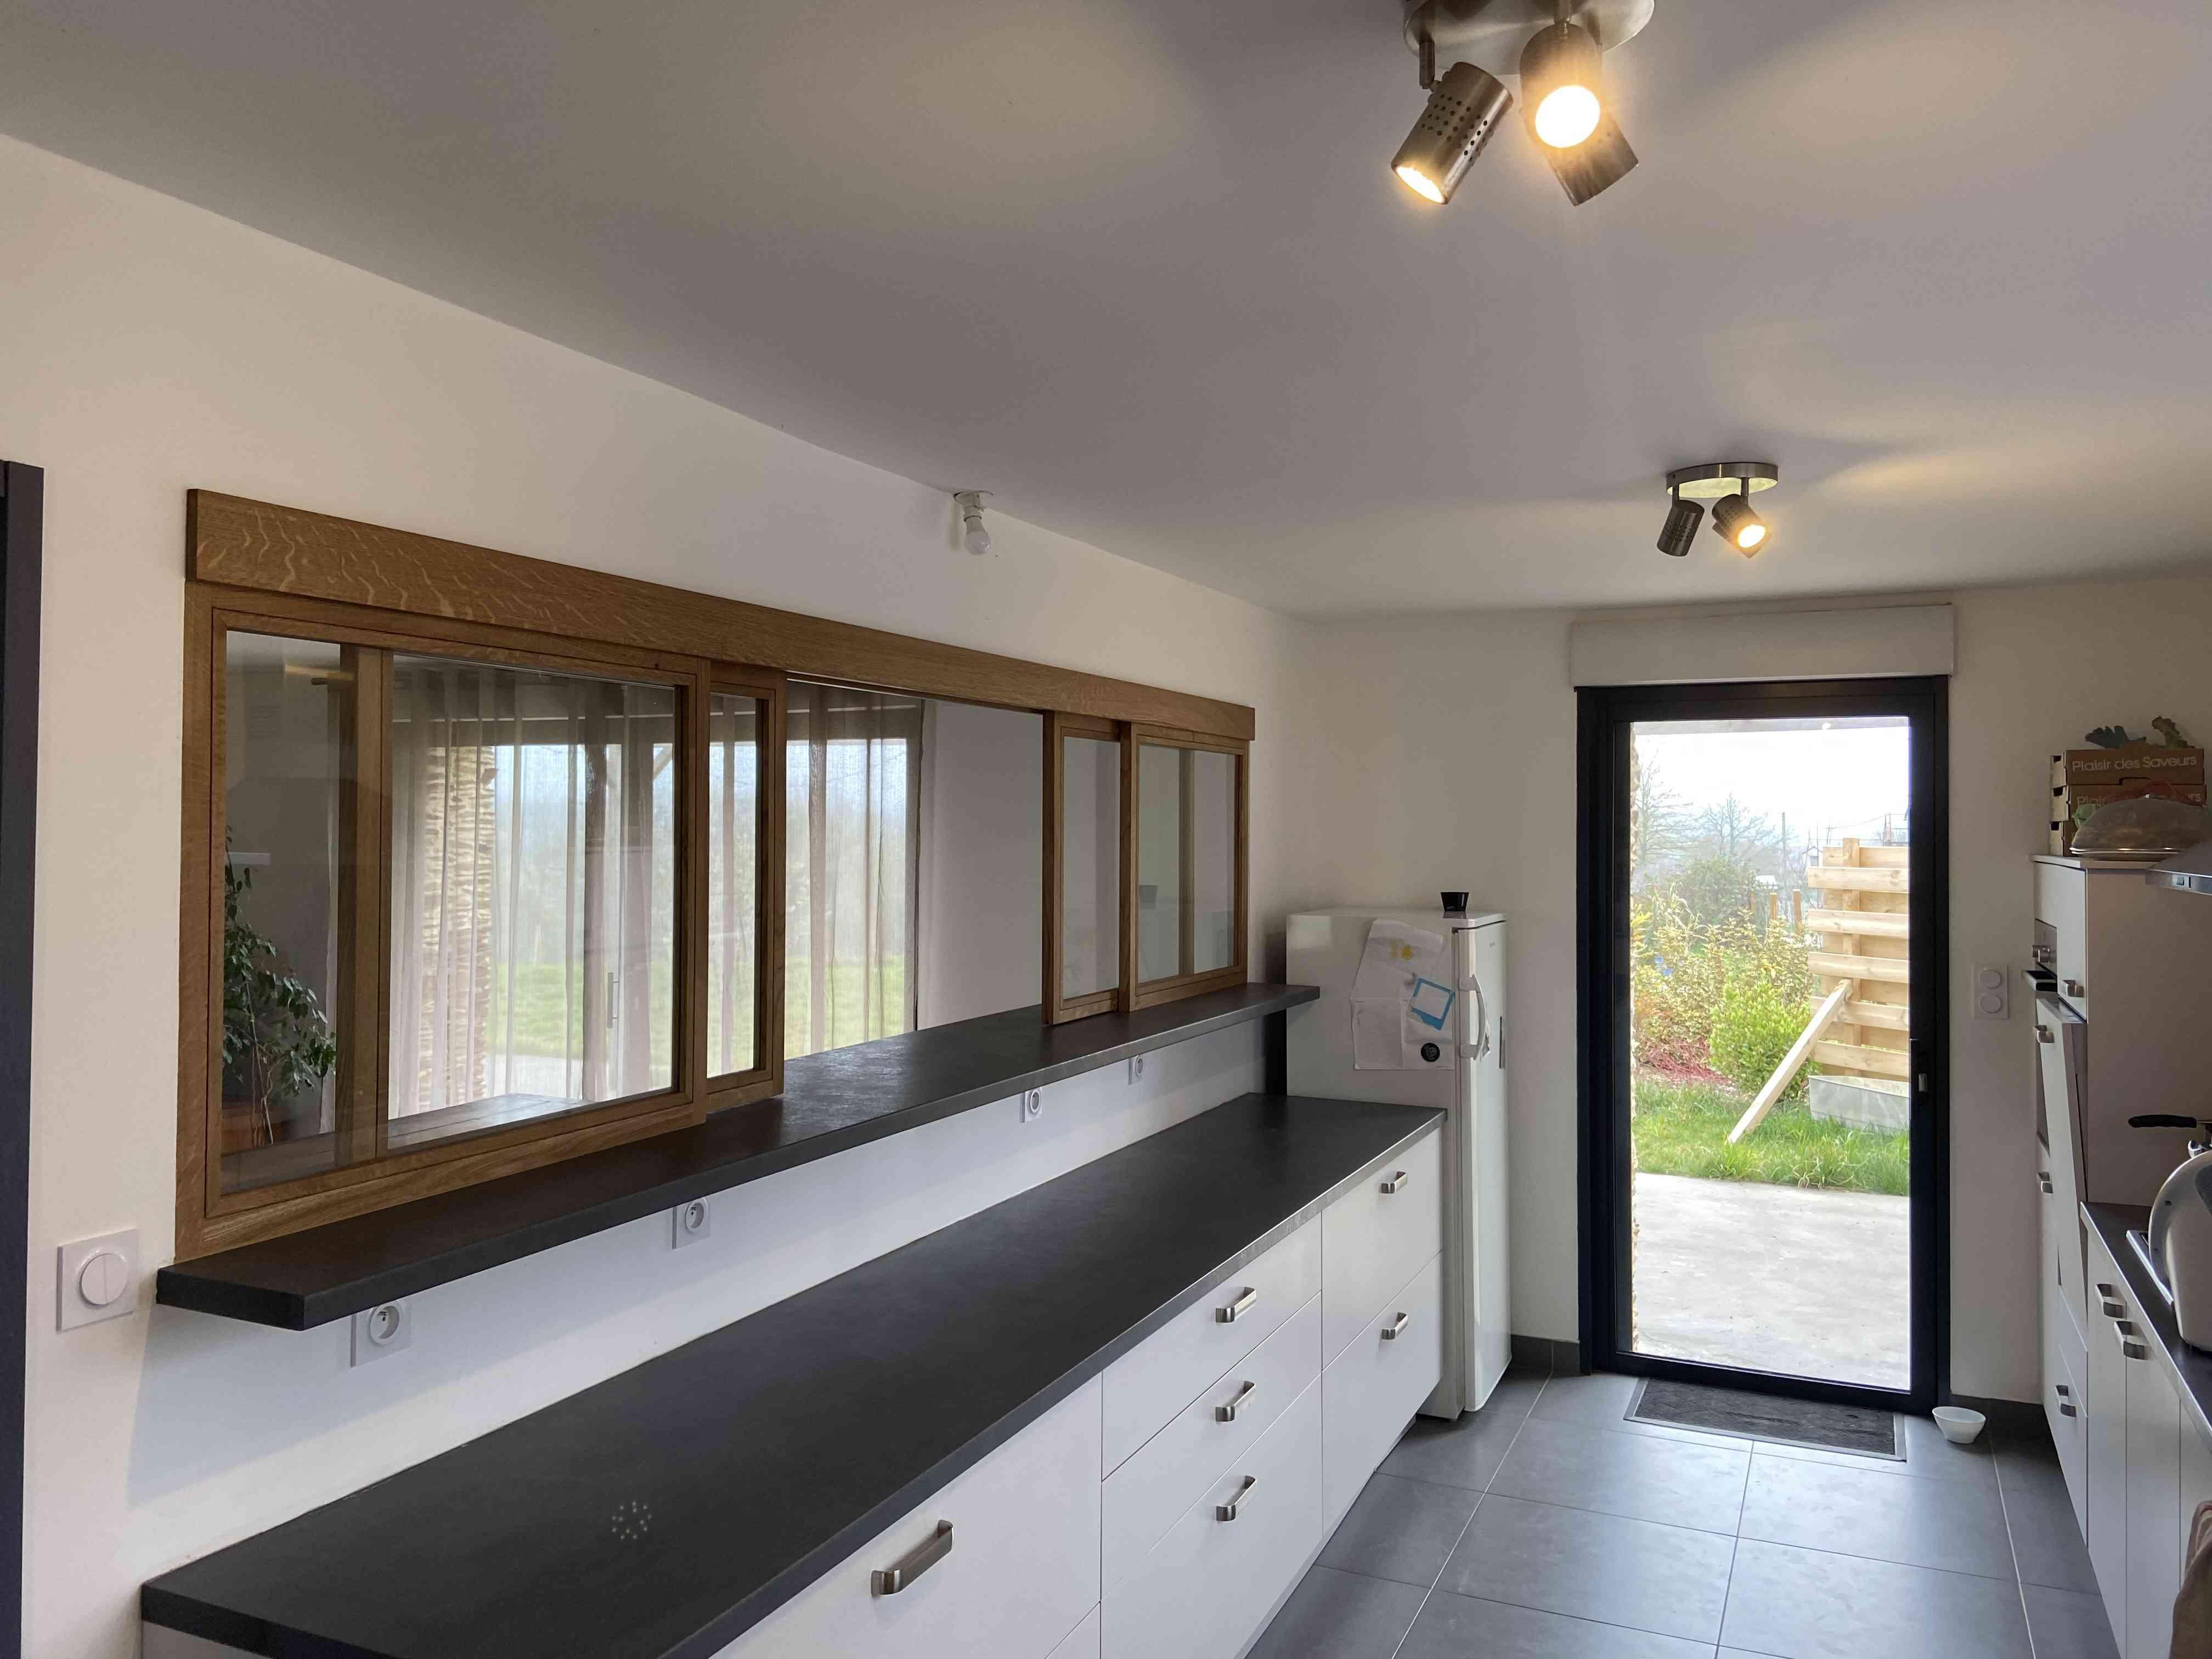 IMG 0615 - Verrière coulissante en chêne entre cuisine et séjour